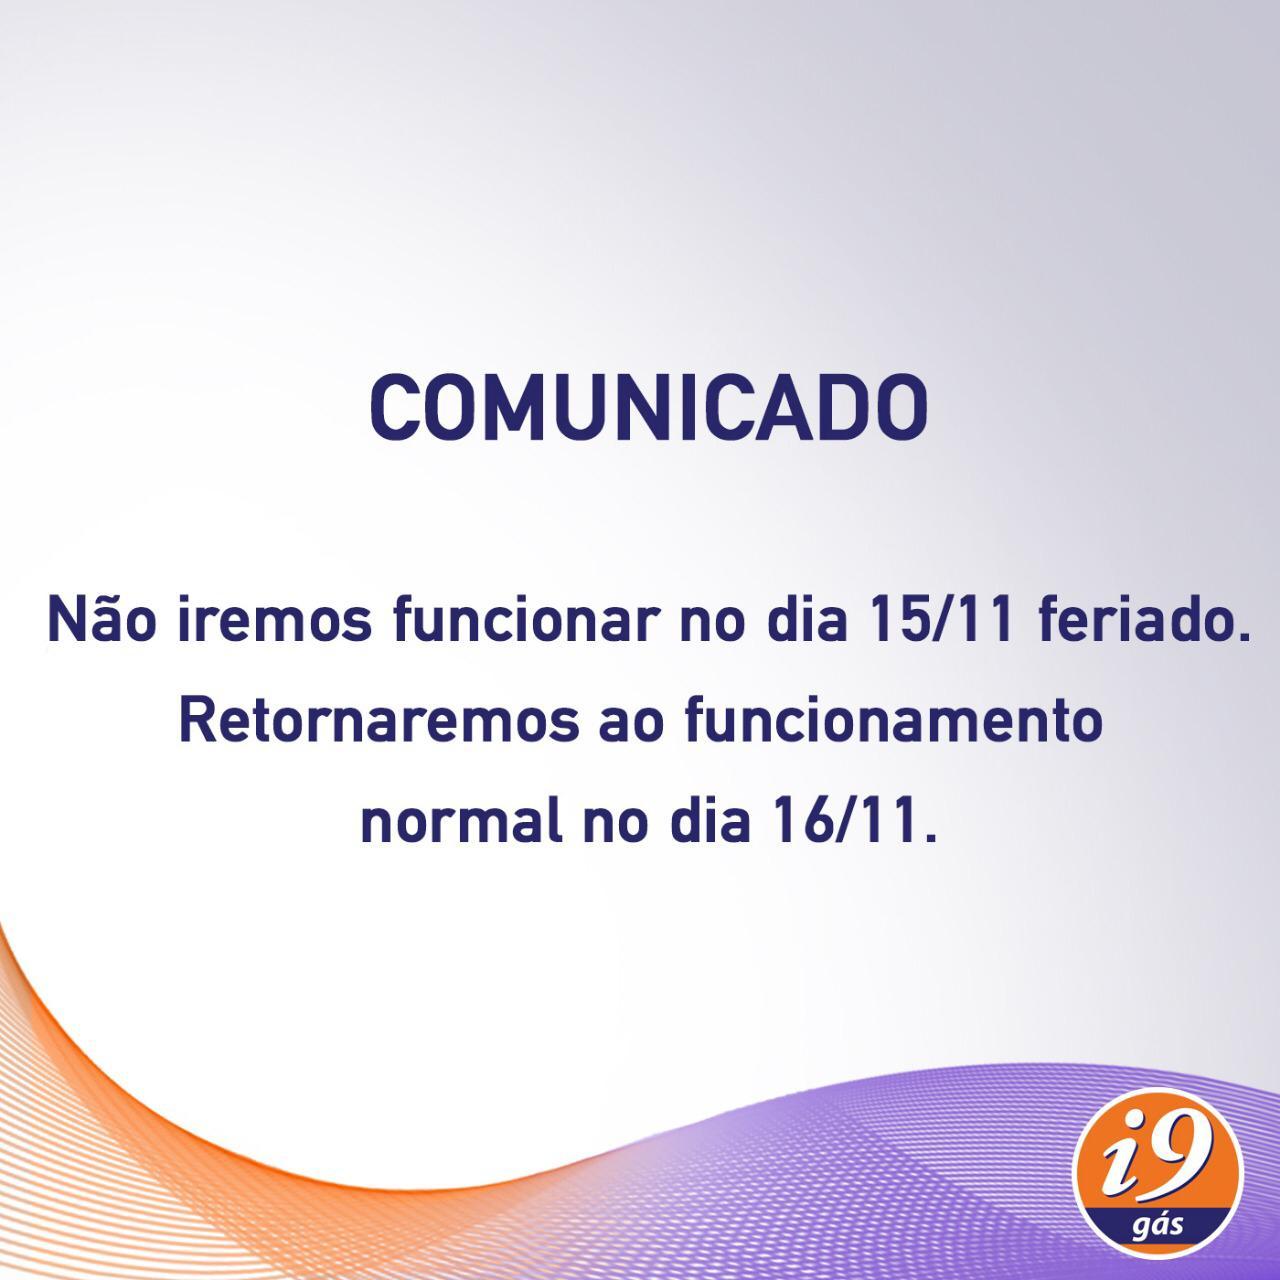 Comunicado: Não iremos funcionar no dia 15/11. Retornaremos ao funcionamento normal no dia 16/11.